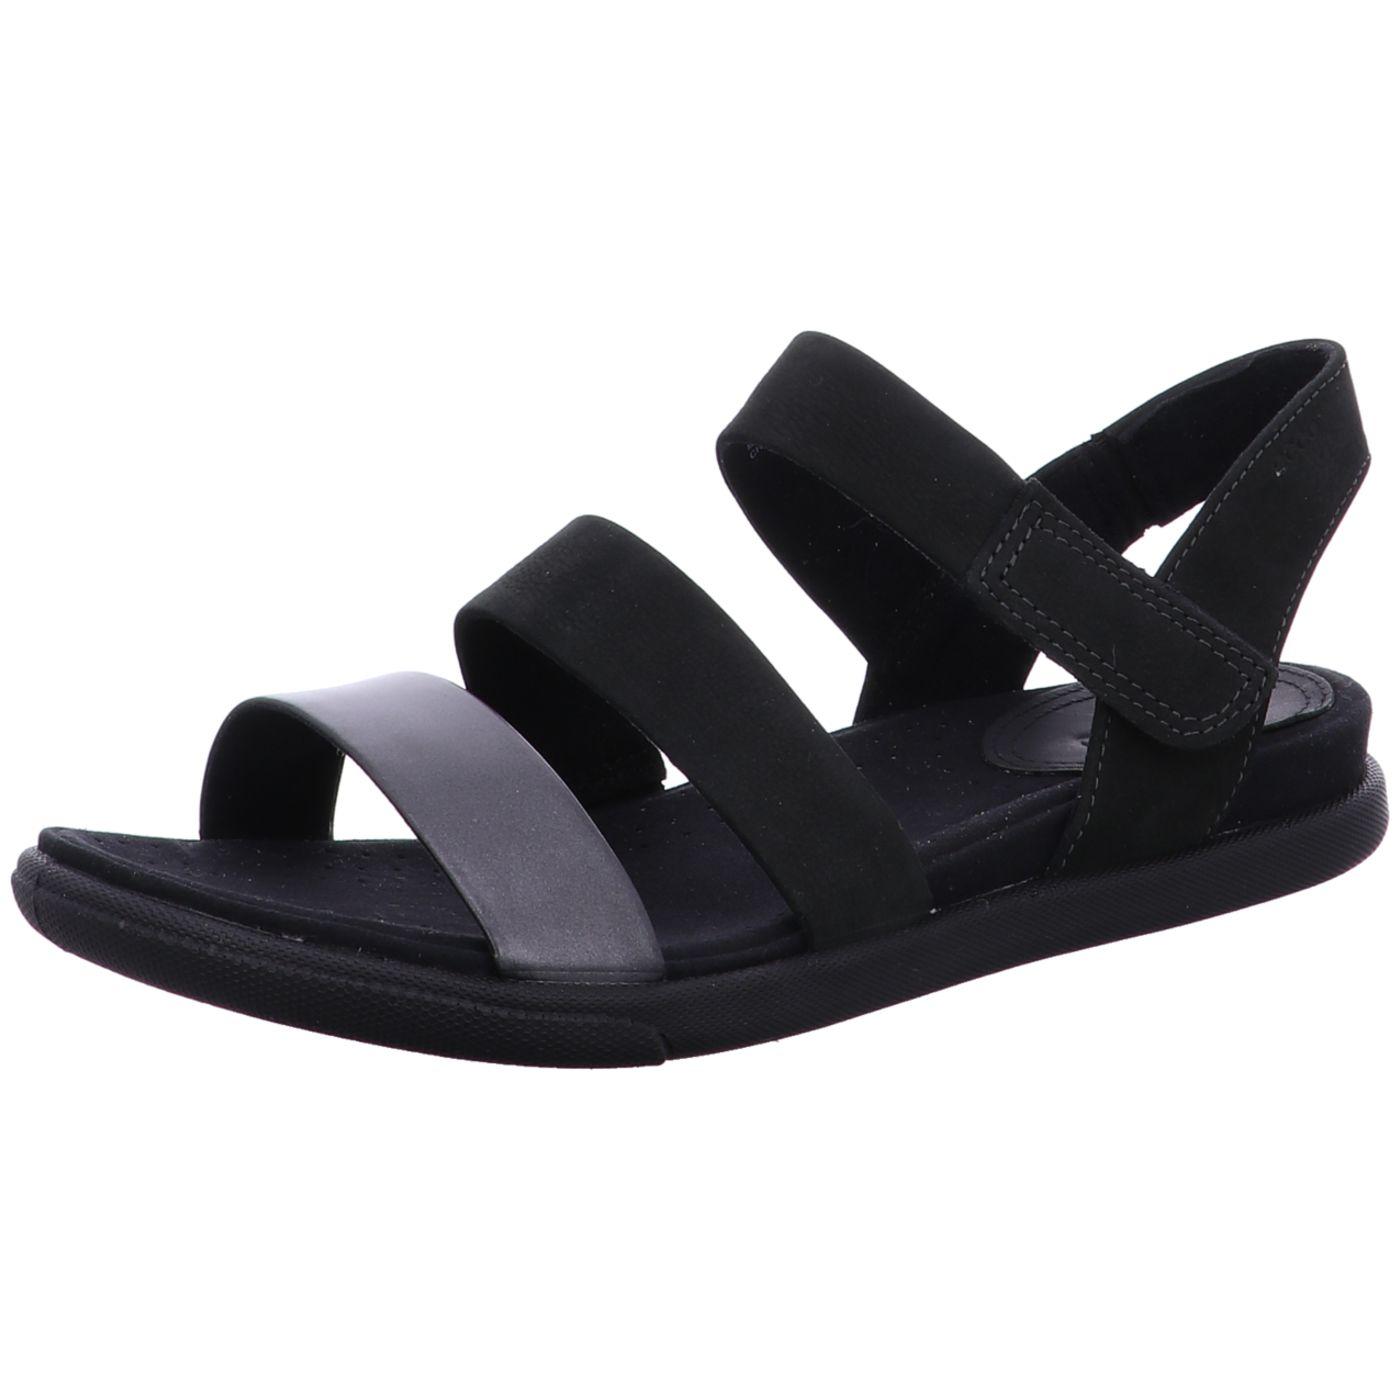 1d594c80142b51 Bequeme Schuhe Damen » hier online kaufen